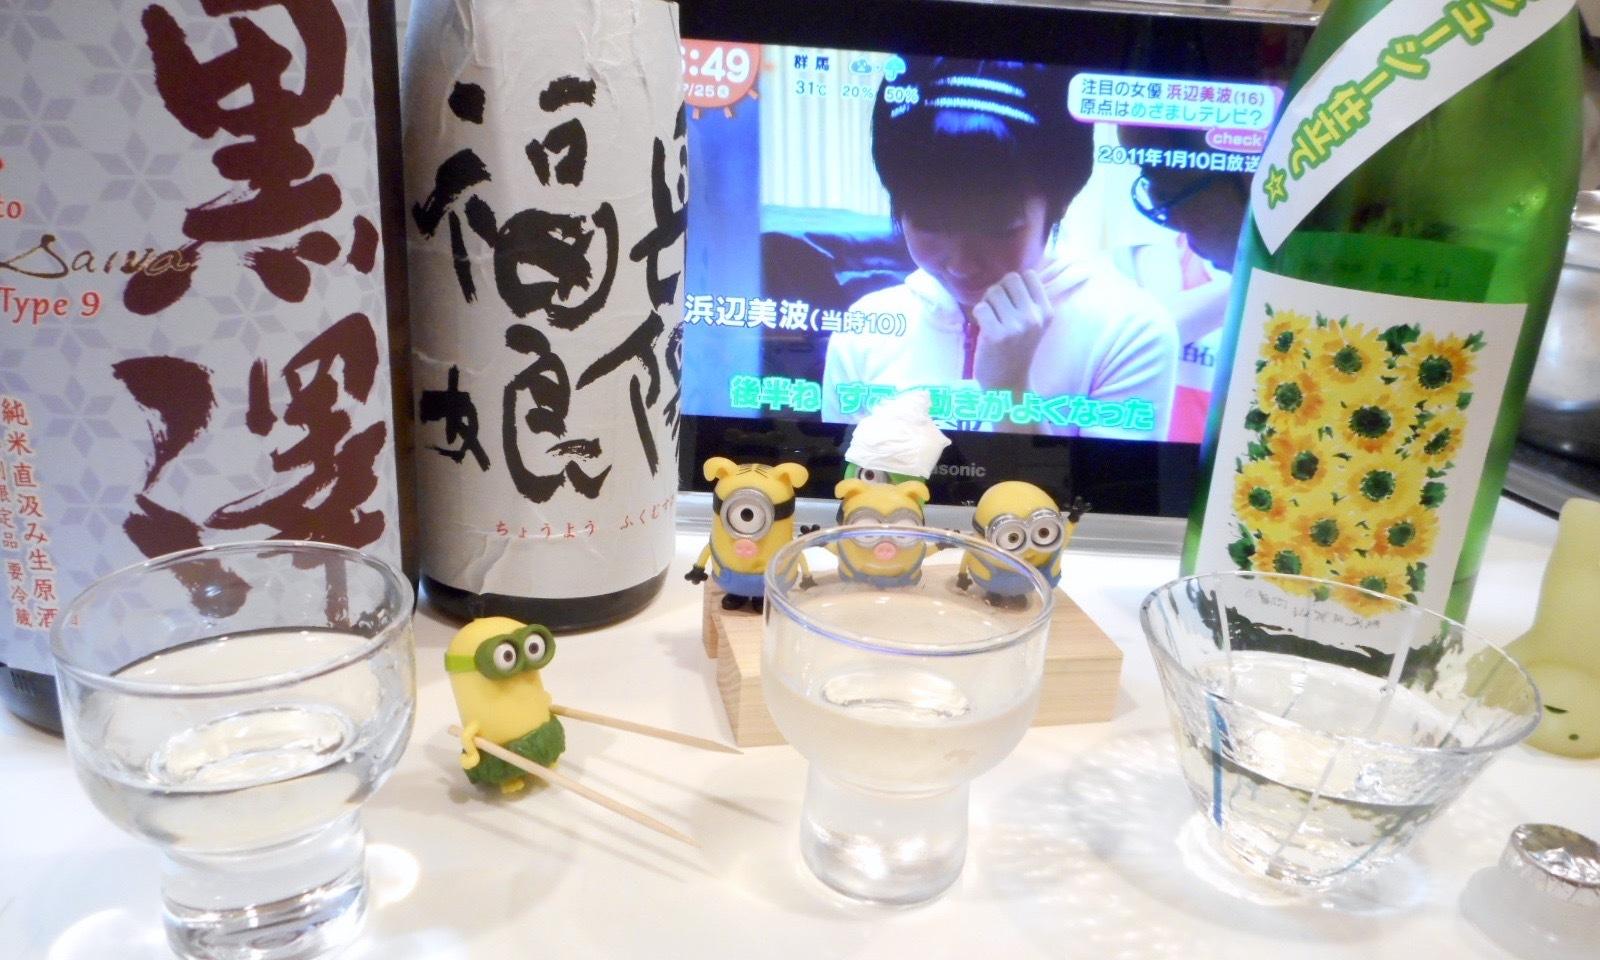 kurosawa_type9_28by7.jpg